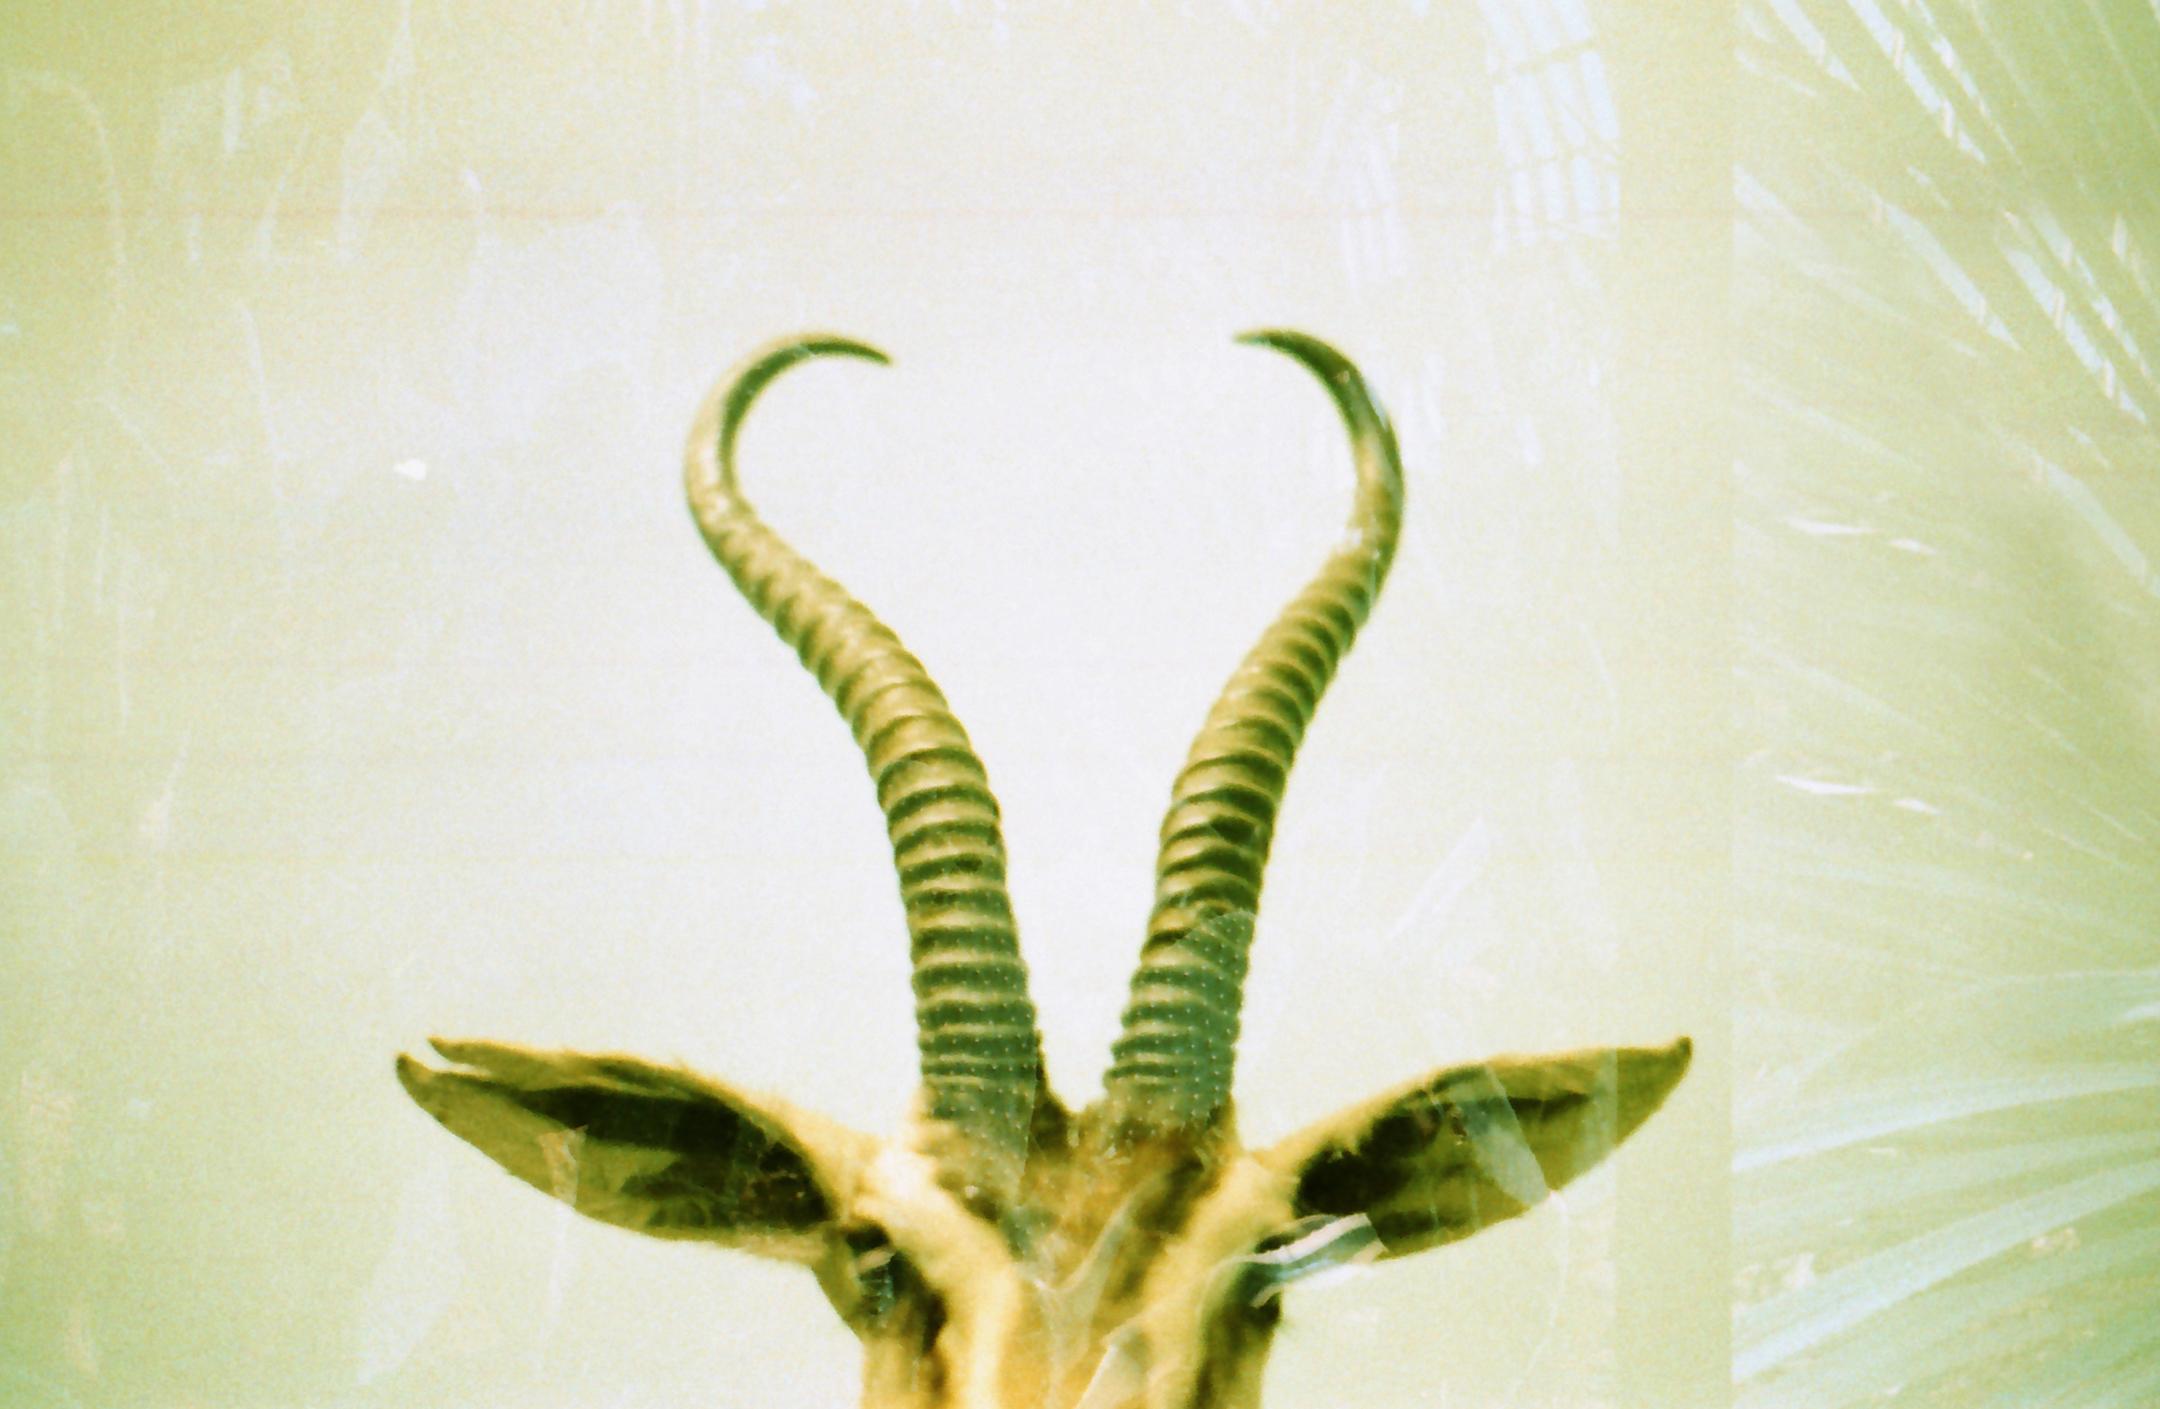 antlers06.jpg